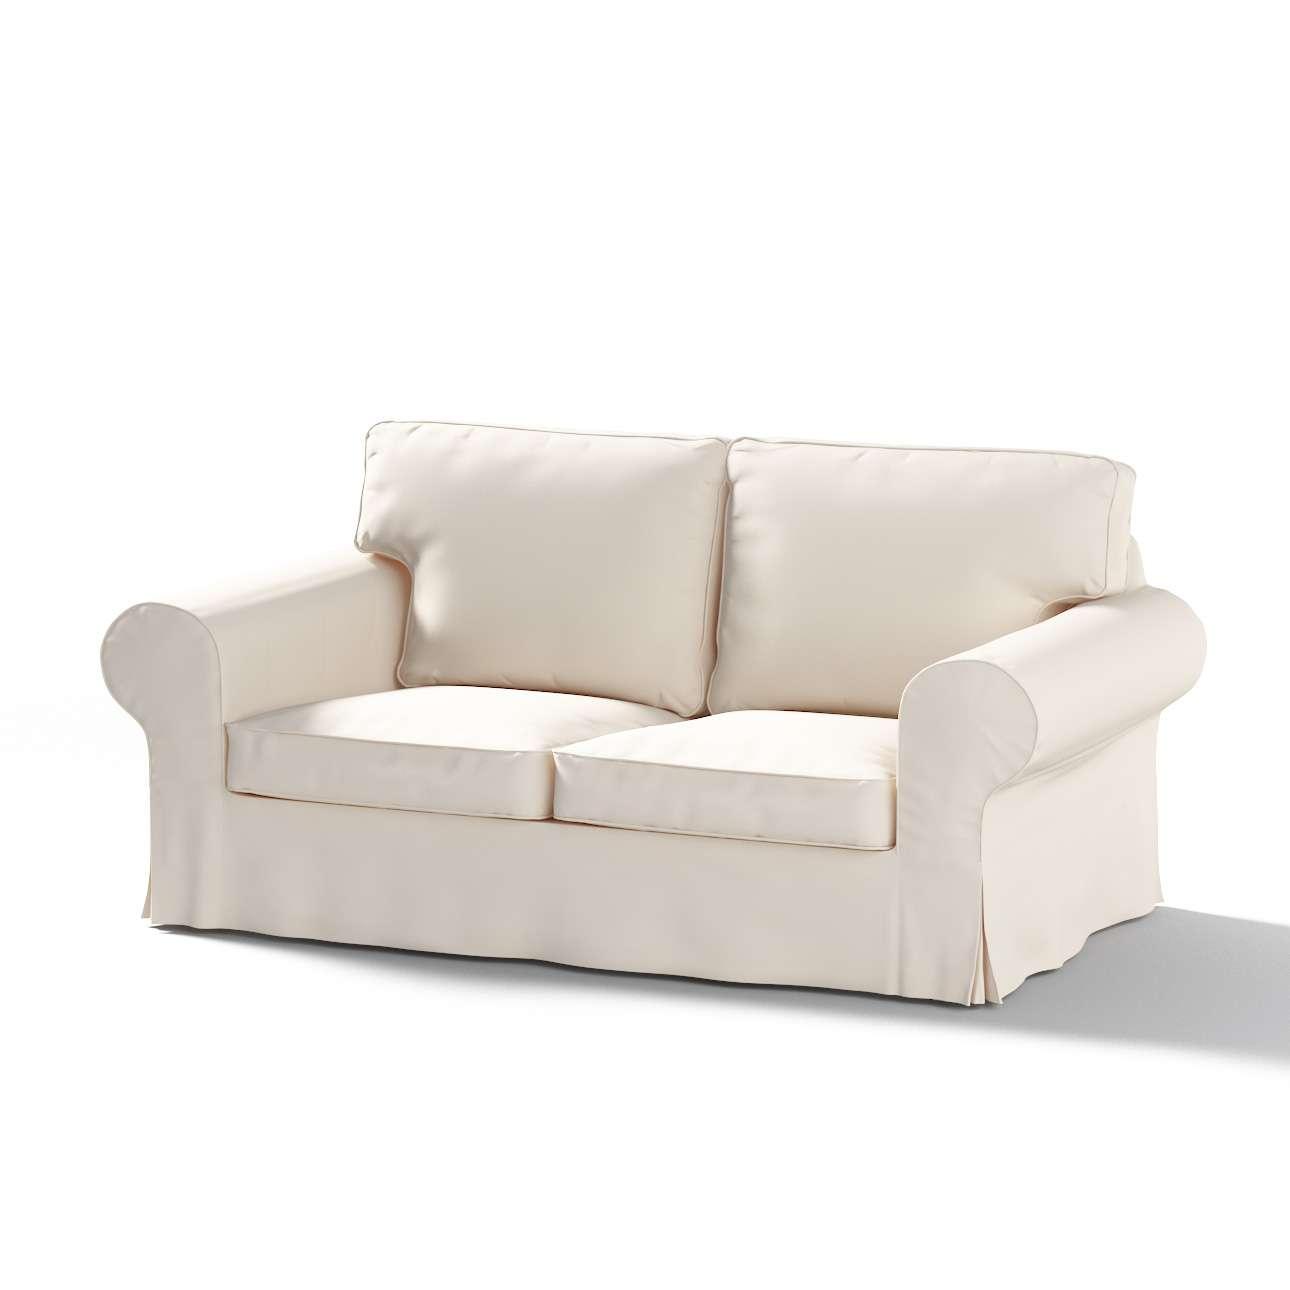 Poťah na sedačku Ektorp (rozkladacia, pre 2 osoby) STARÝ MODEL V kolekcii Etna, tkanina: 705-01